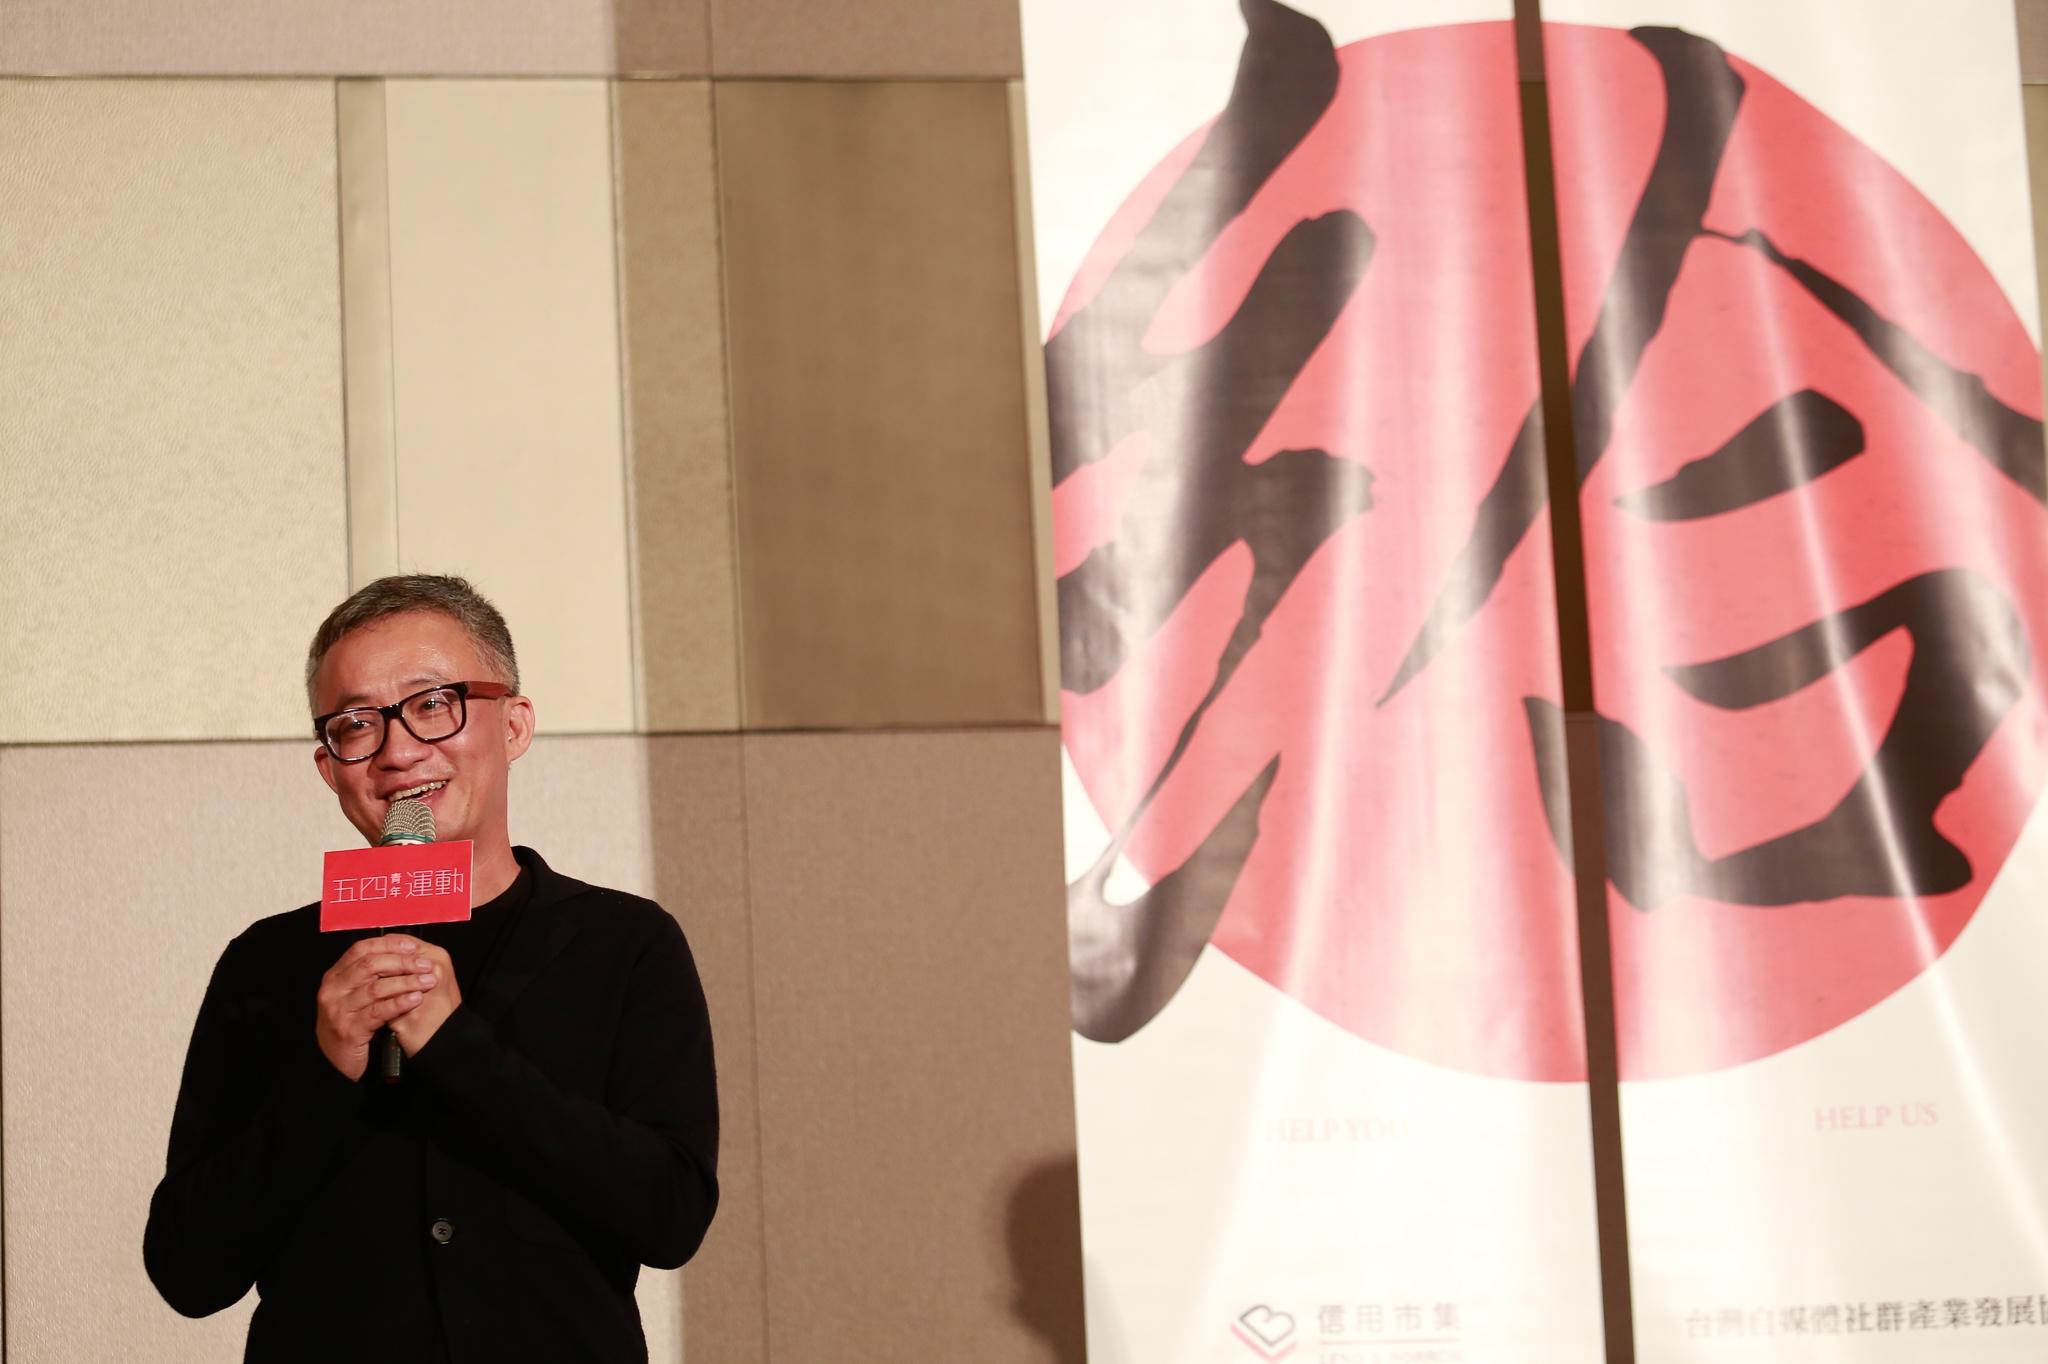 五四青年運動-event-記者會-寒舍艾美酒店-lemeridien-taipei-40.jpg